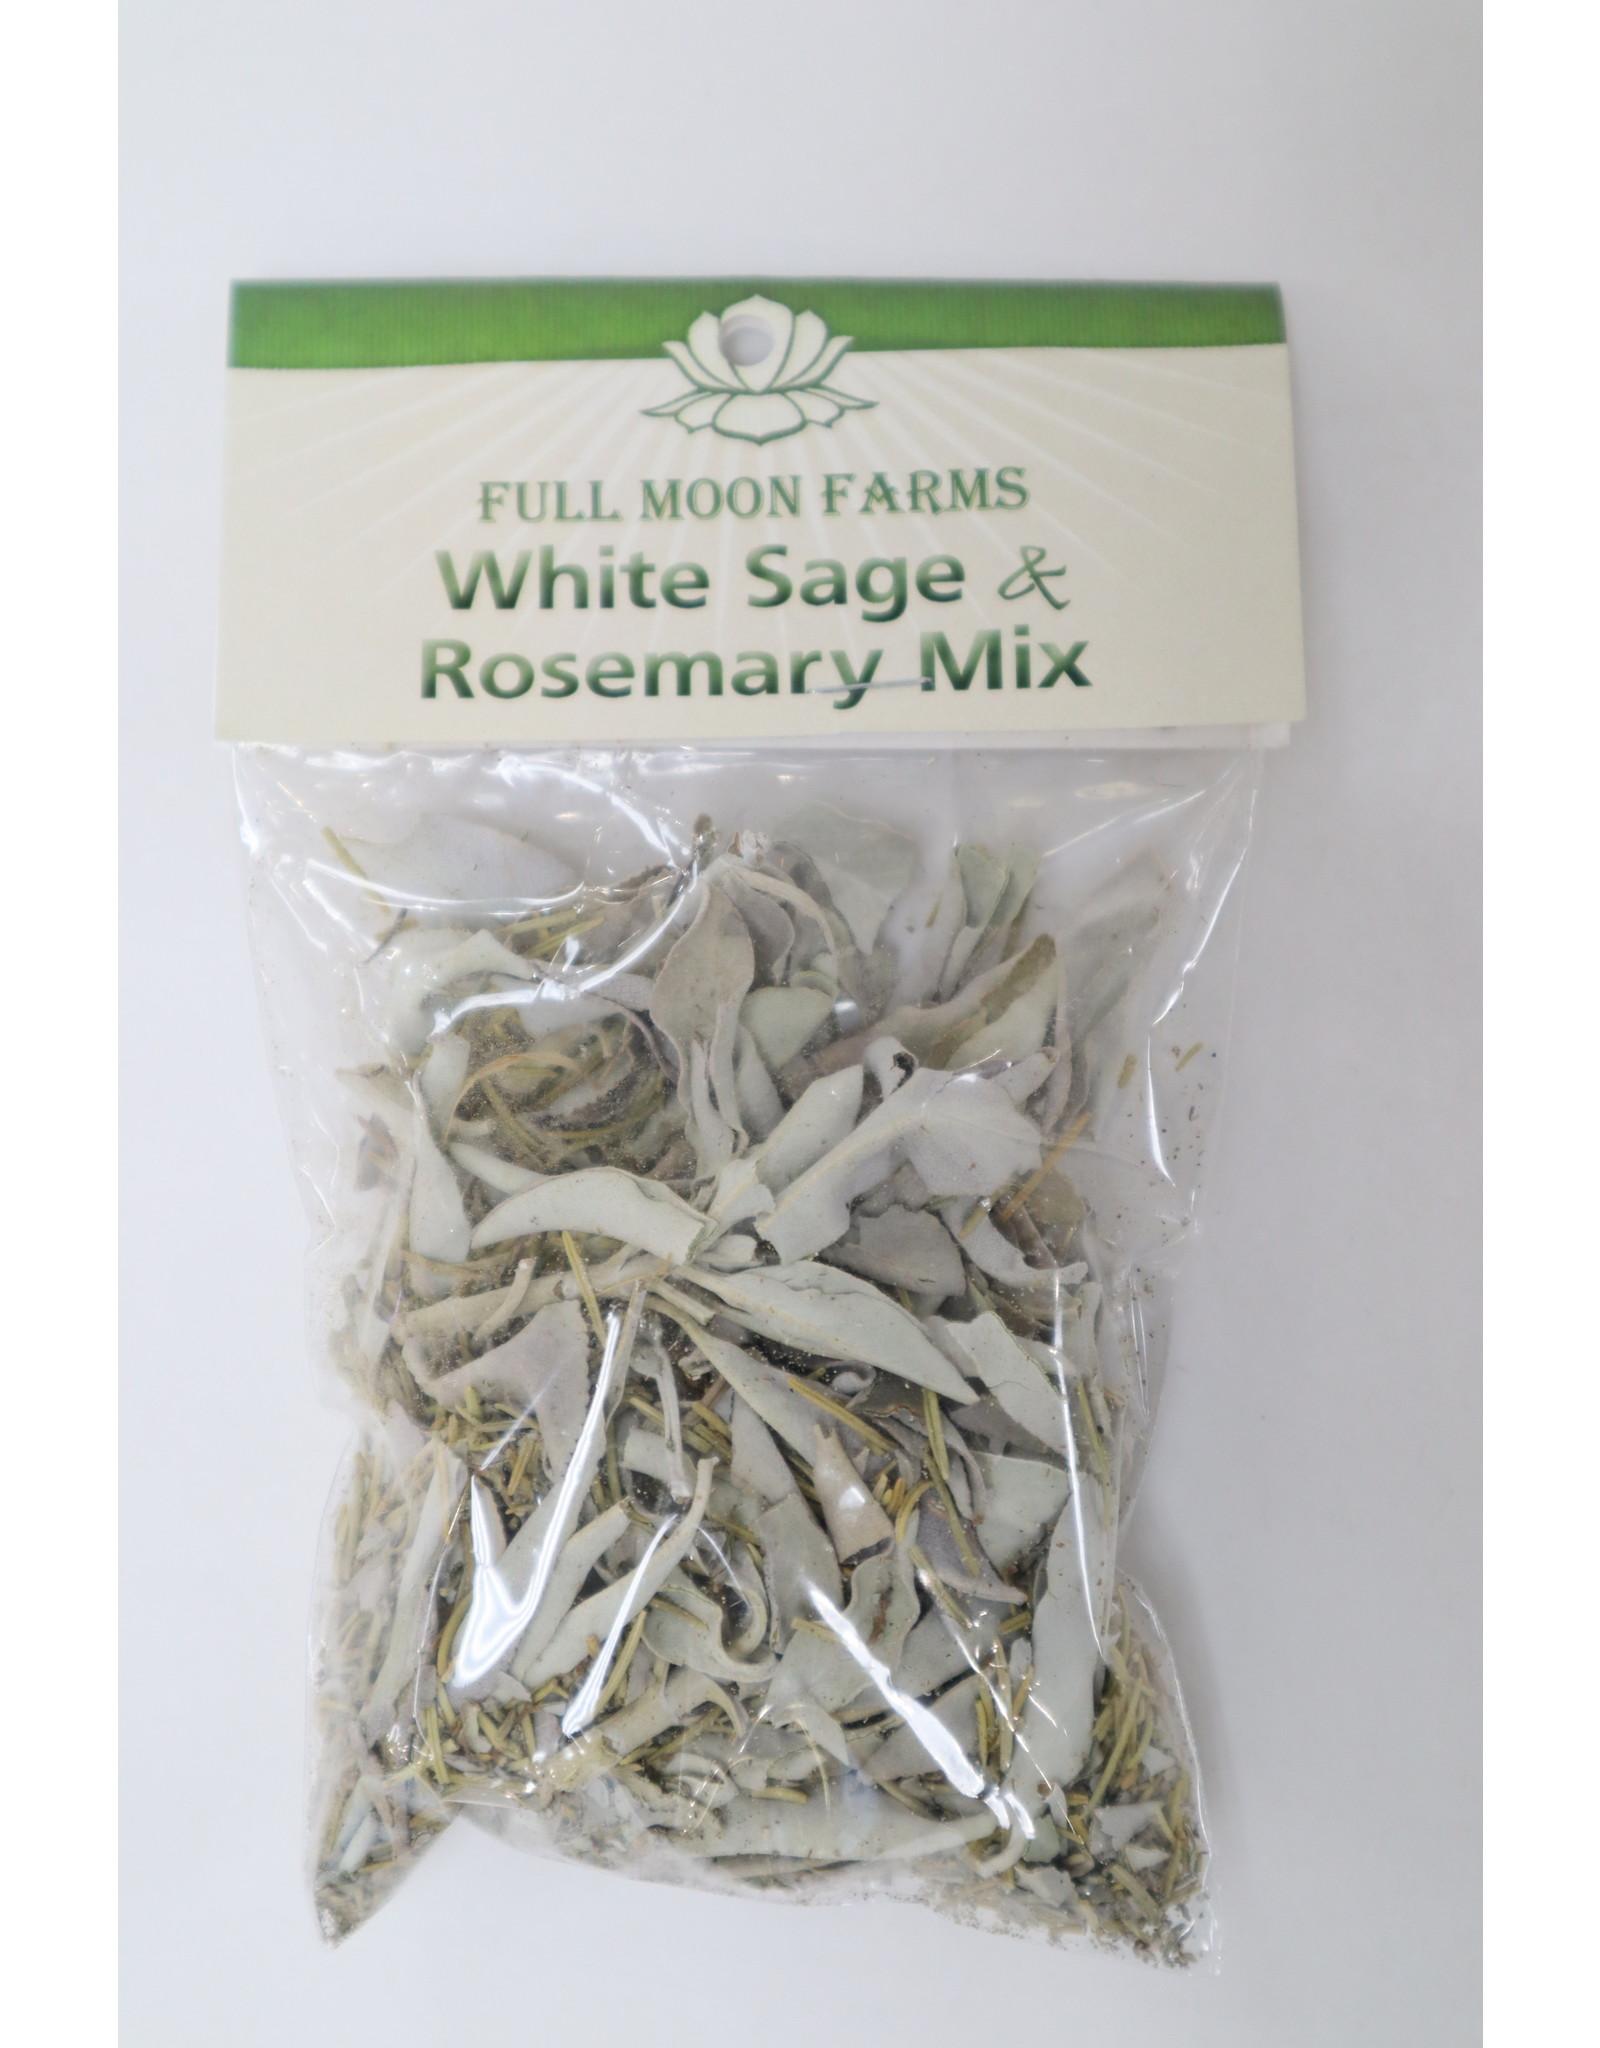 White Sage & Rosemary Mix - 1oz